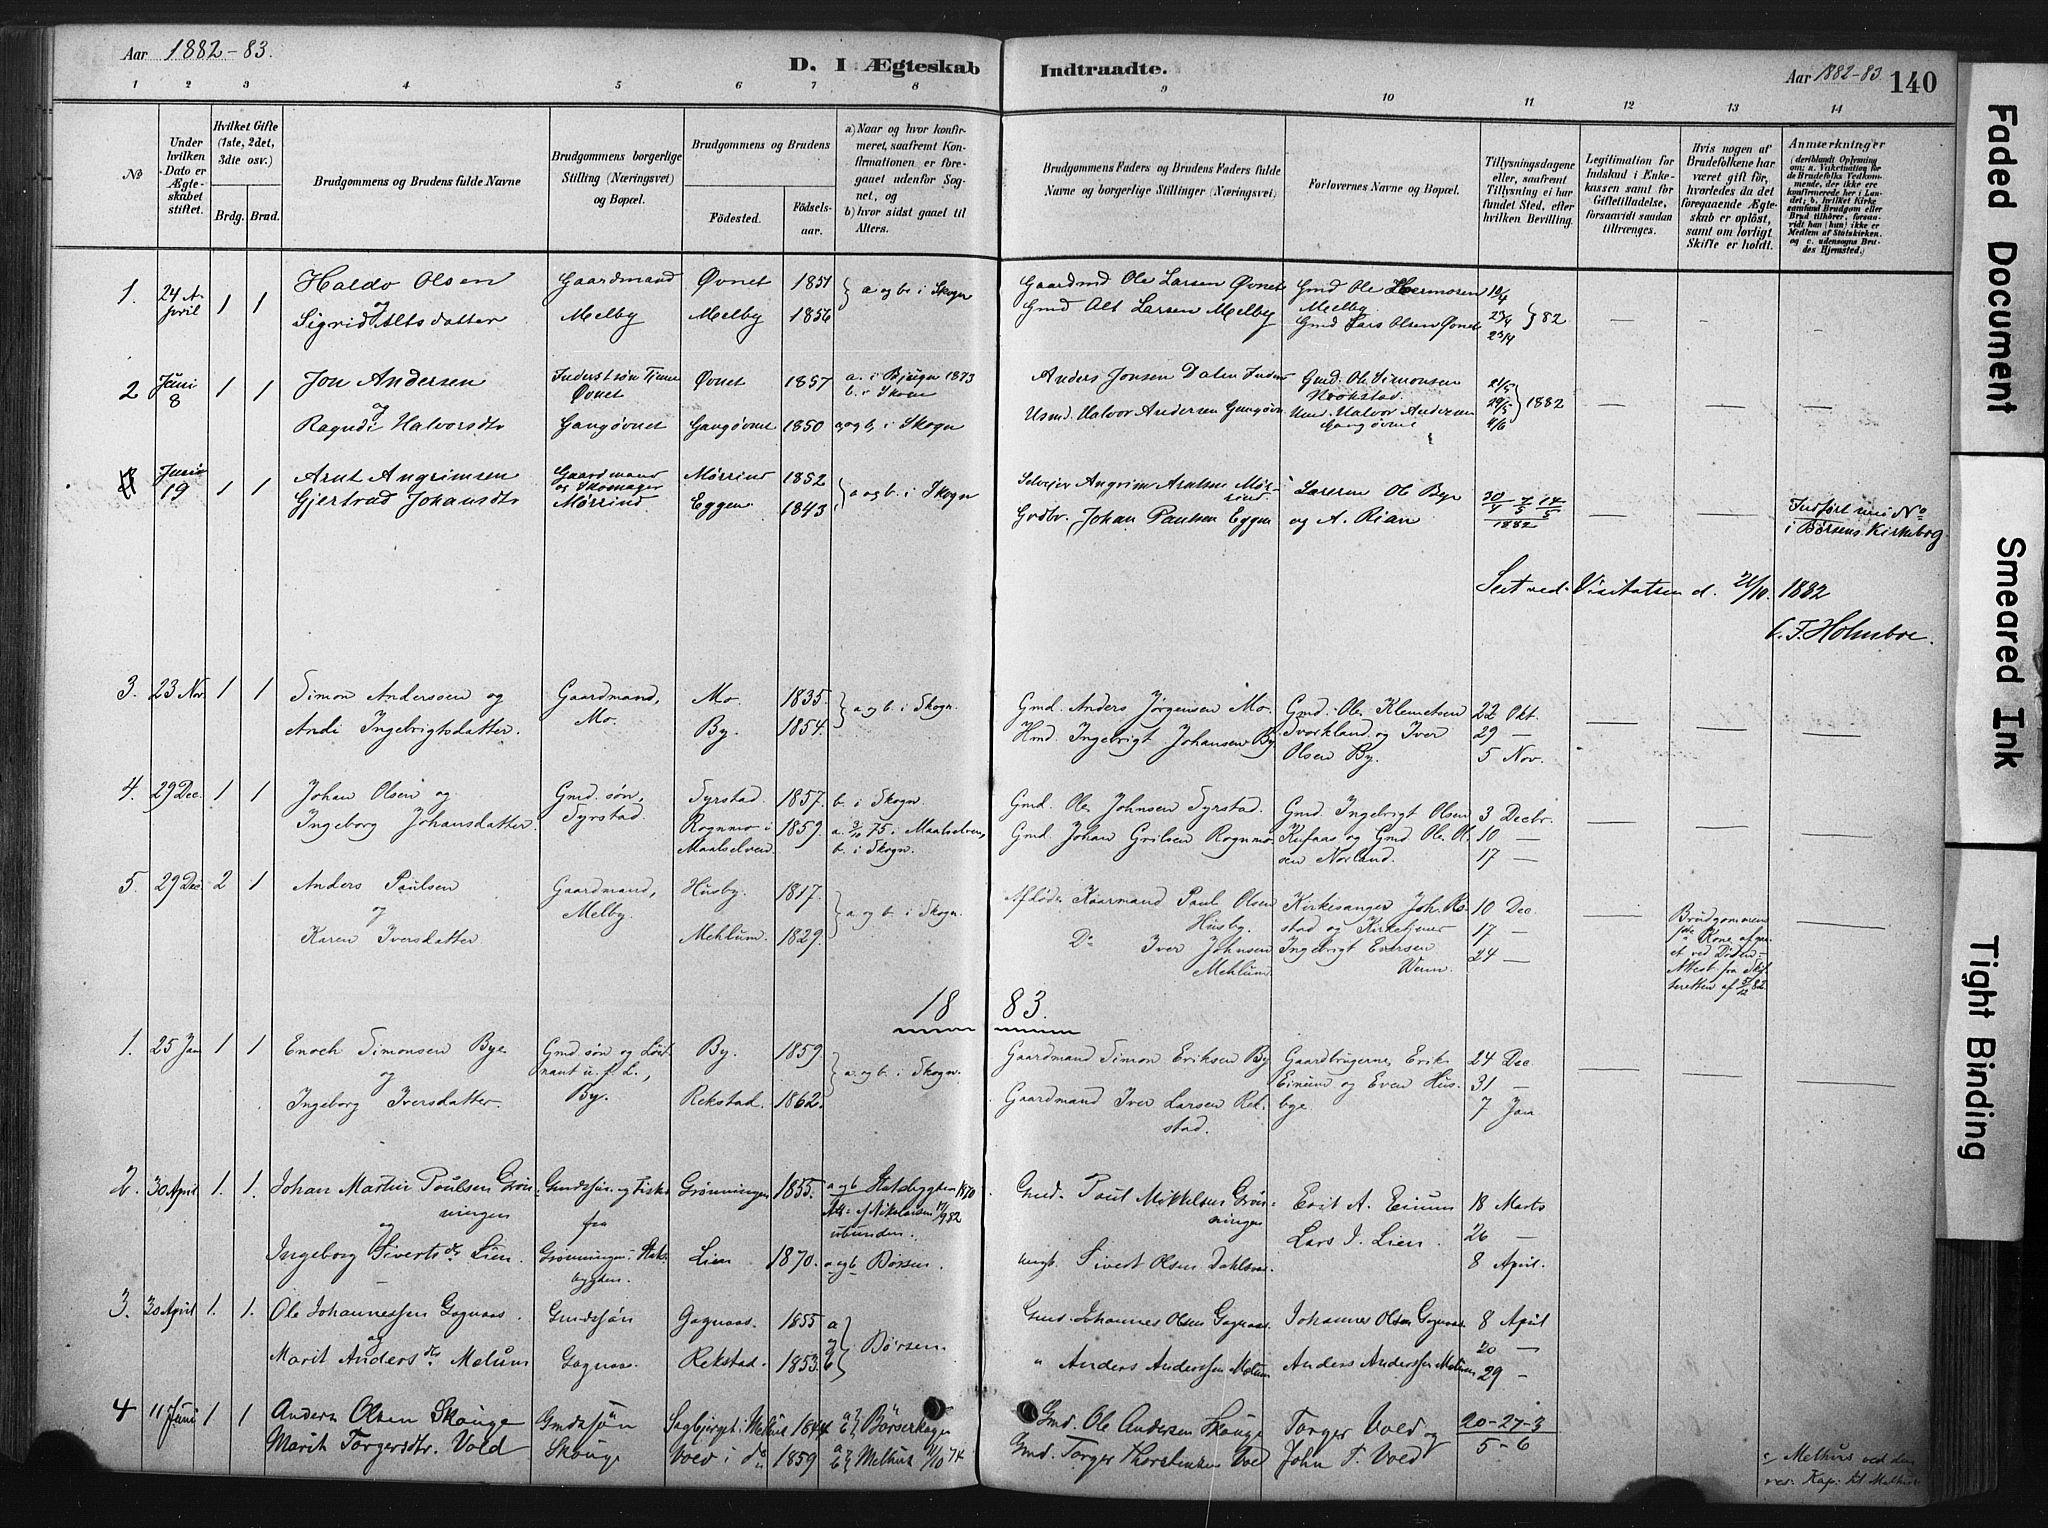 SAT, Ministerialprotokoller, klokkerbøker og fødselsregistre - Sør-Trøndelag, 667/L0795: Ministerialbok nr. 667A03, 1879-1907, s. 140